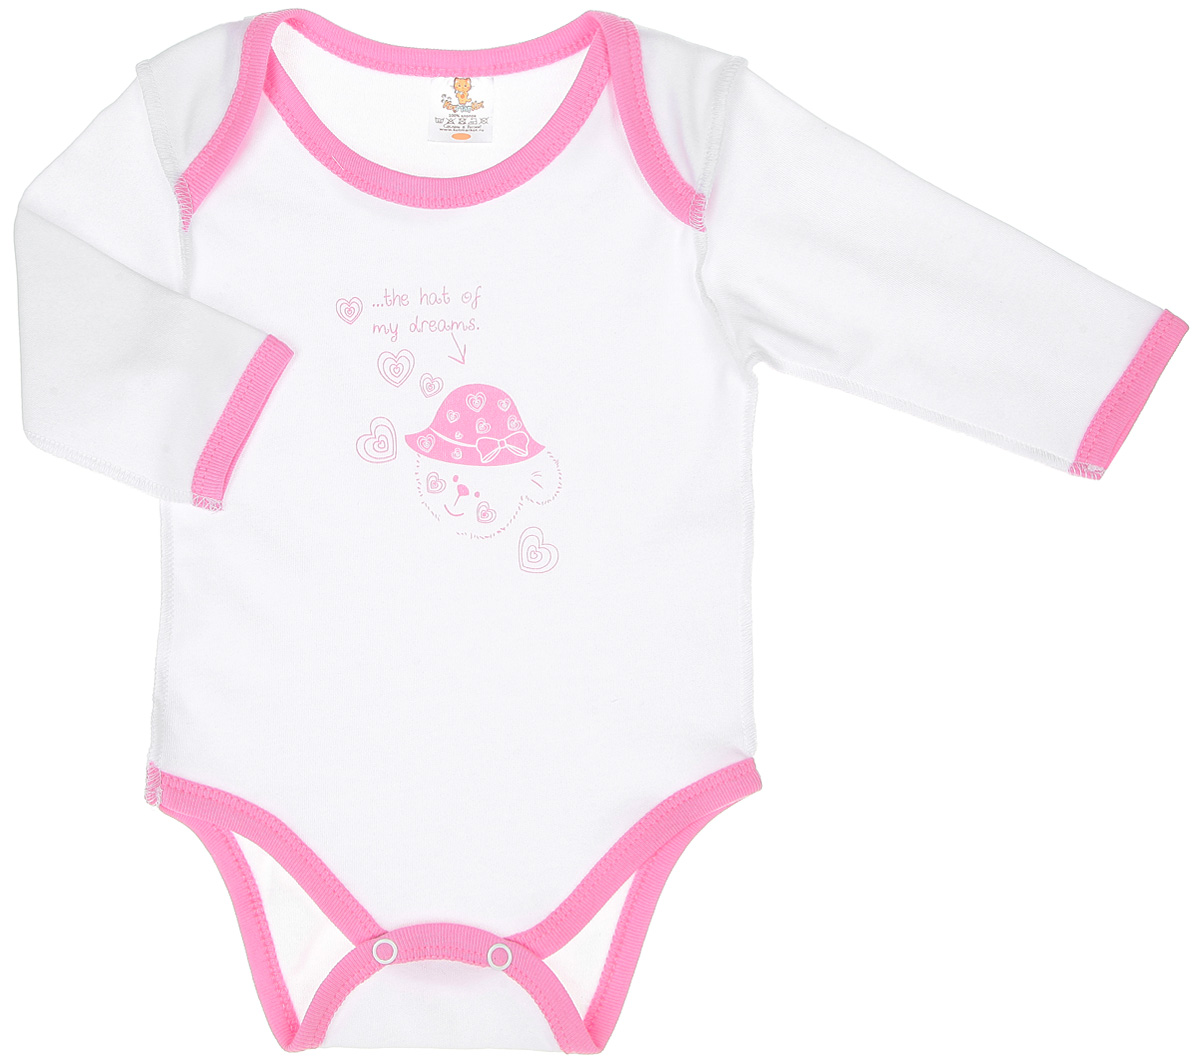 Боди с длинным рукавом детское КотМарКот Мишка в шляпе, цвет: белый, розовый. 3975. Размер 62, 1-3 месяца